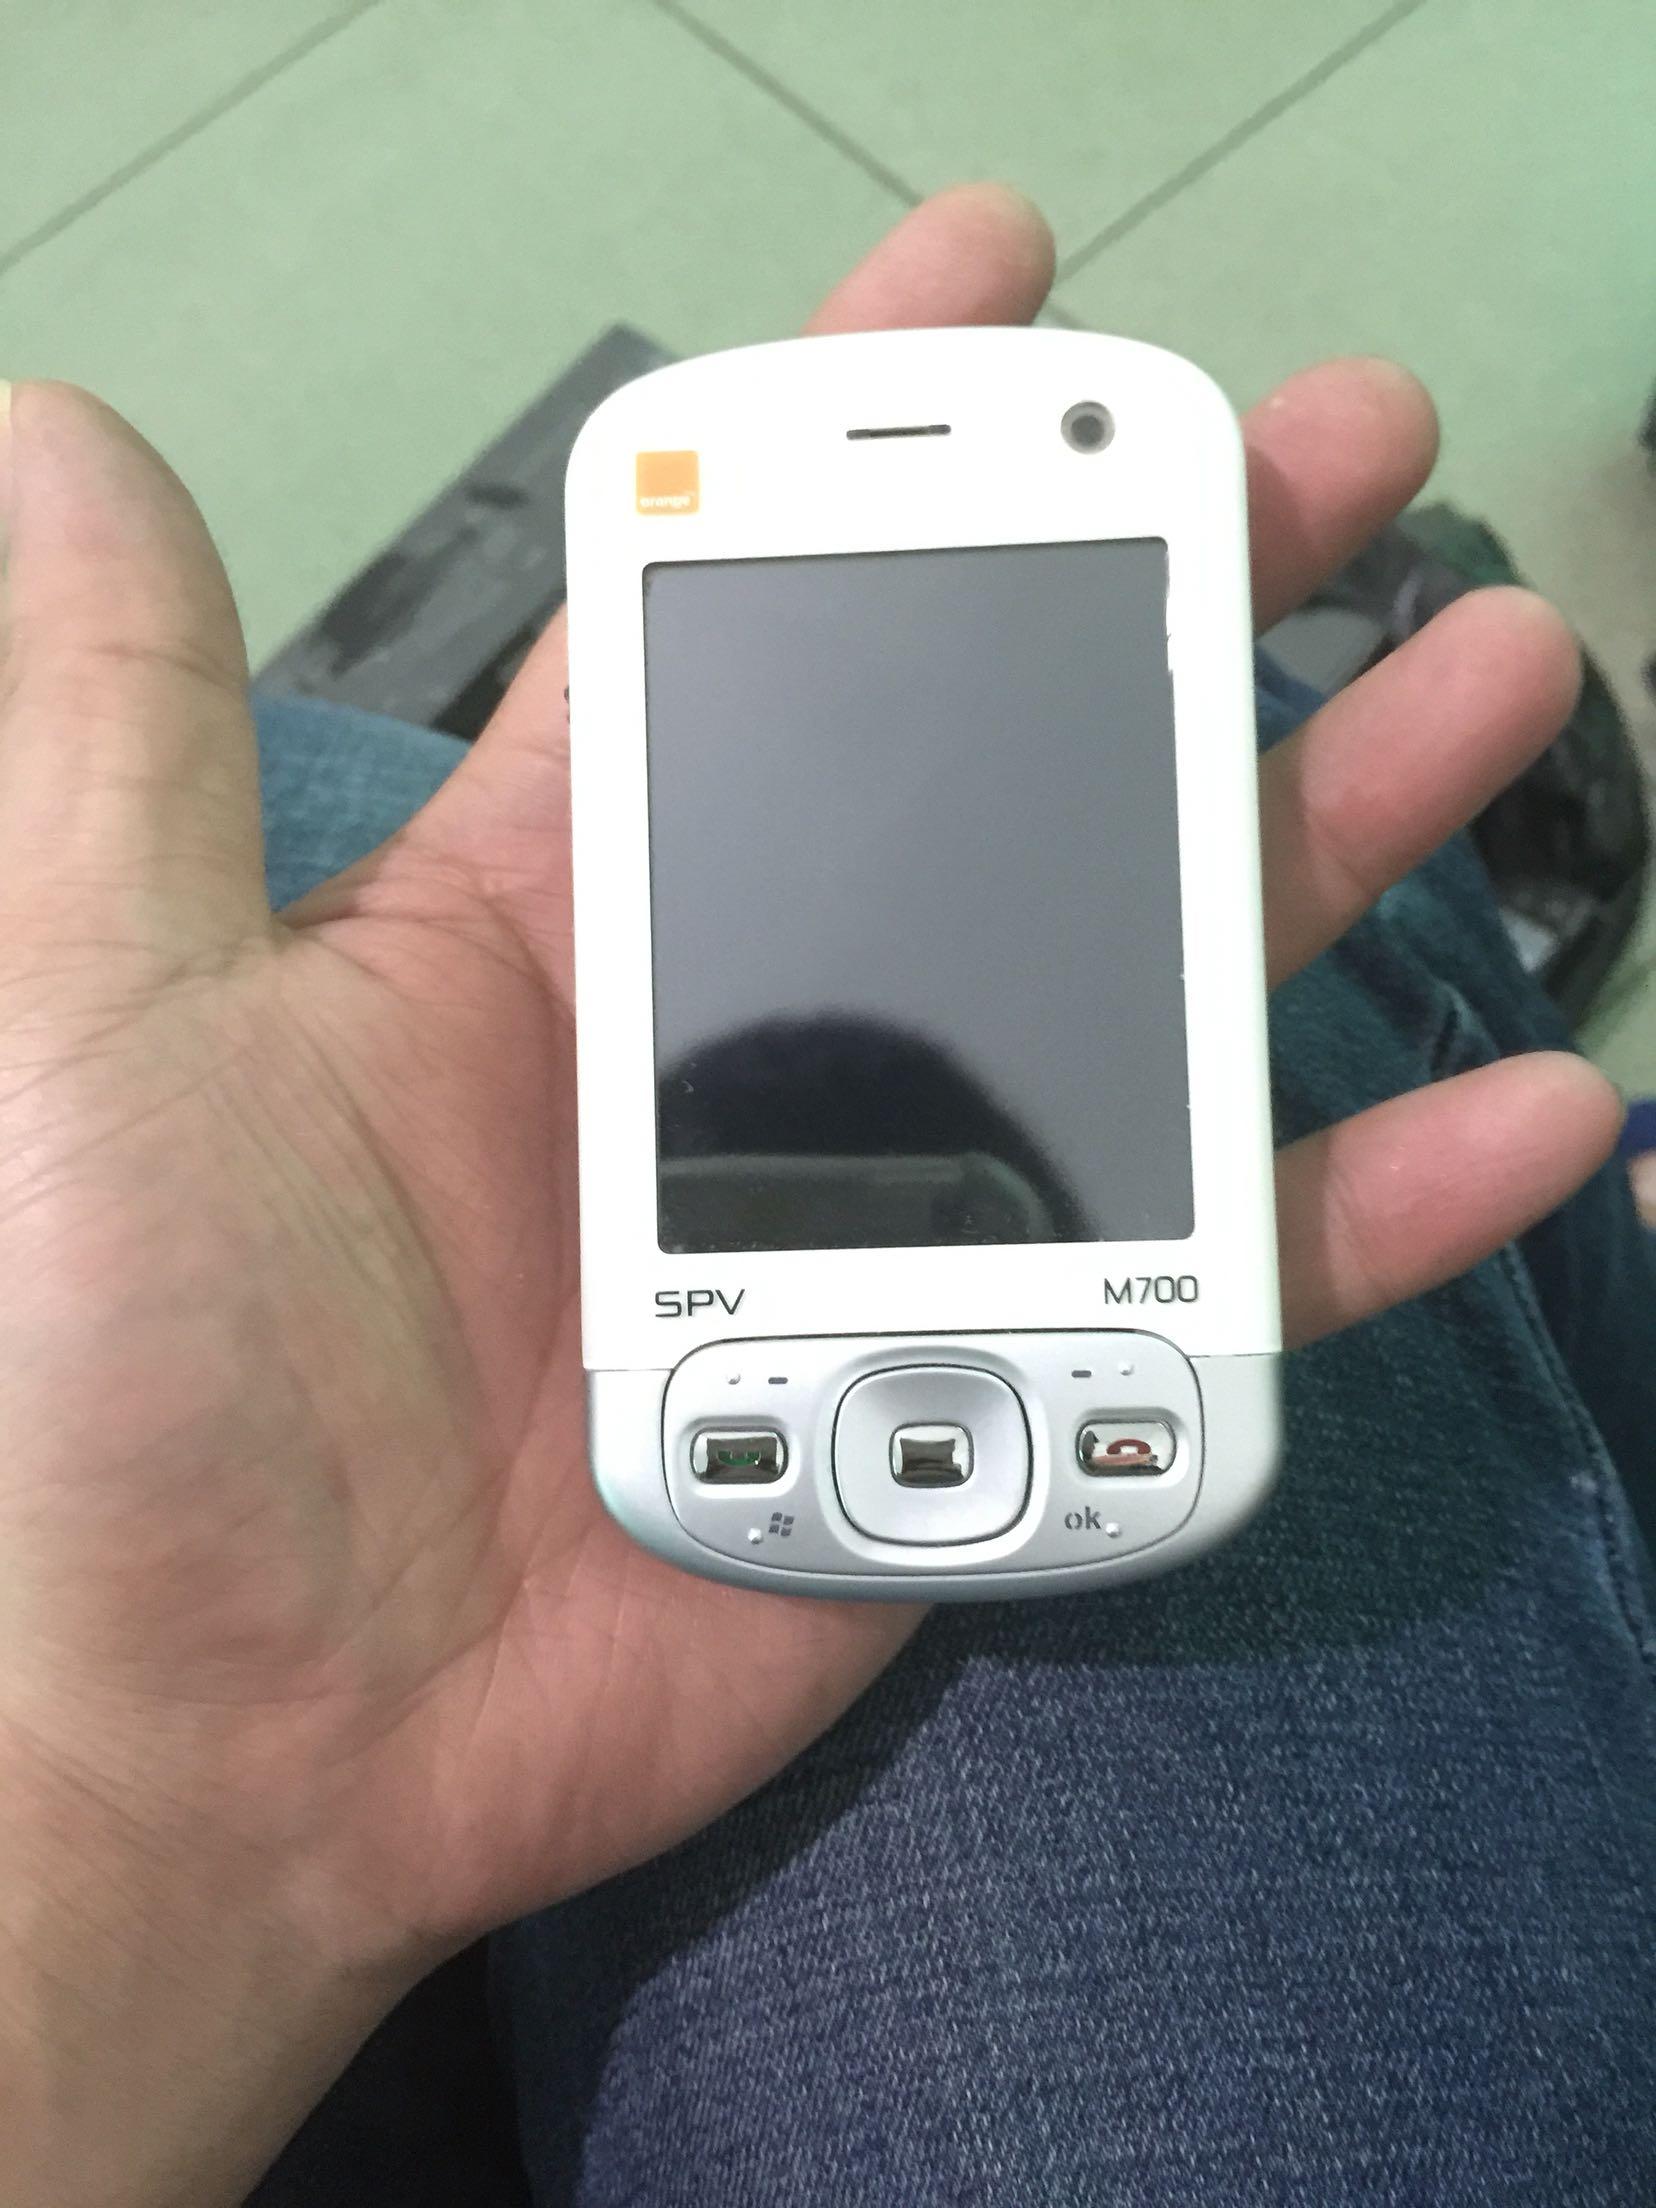 多普达D810 HTC P3300 原装靓机 收藏古董 无瑕疵 无包装